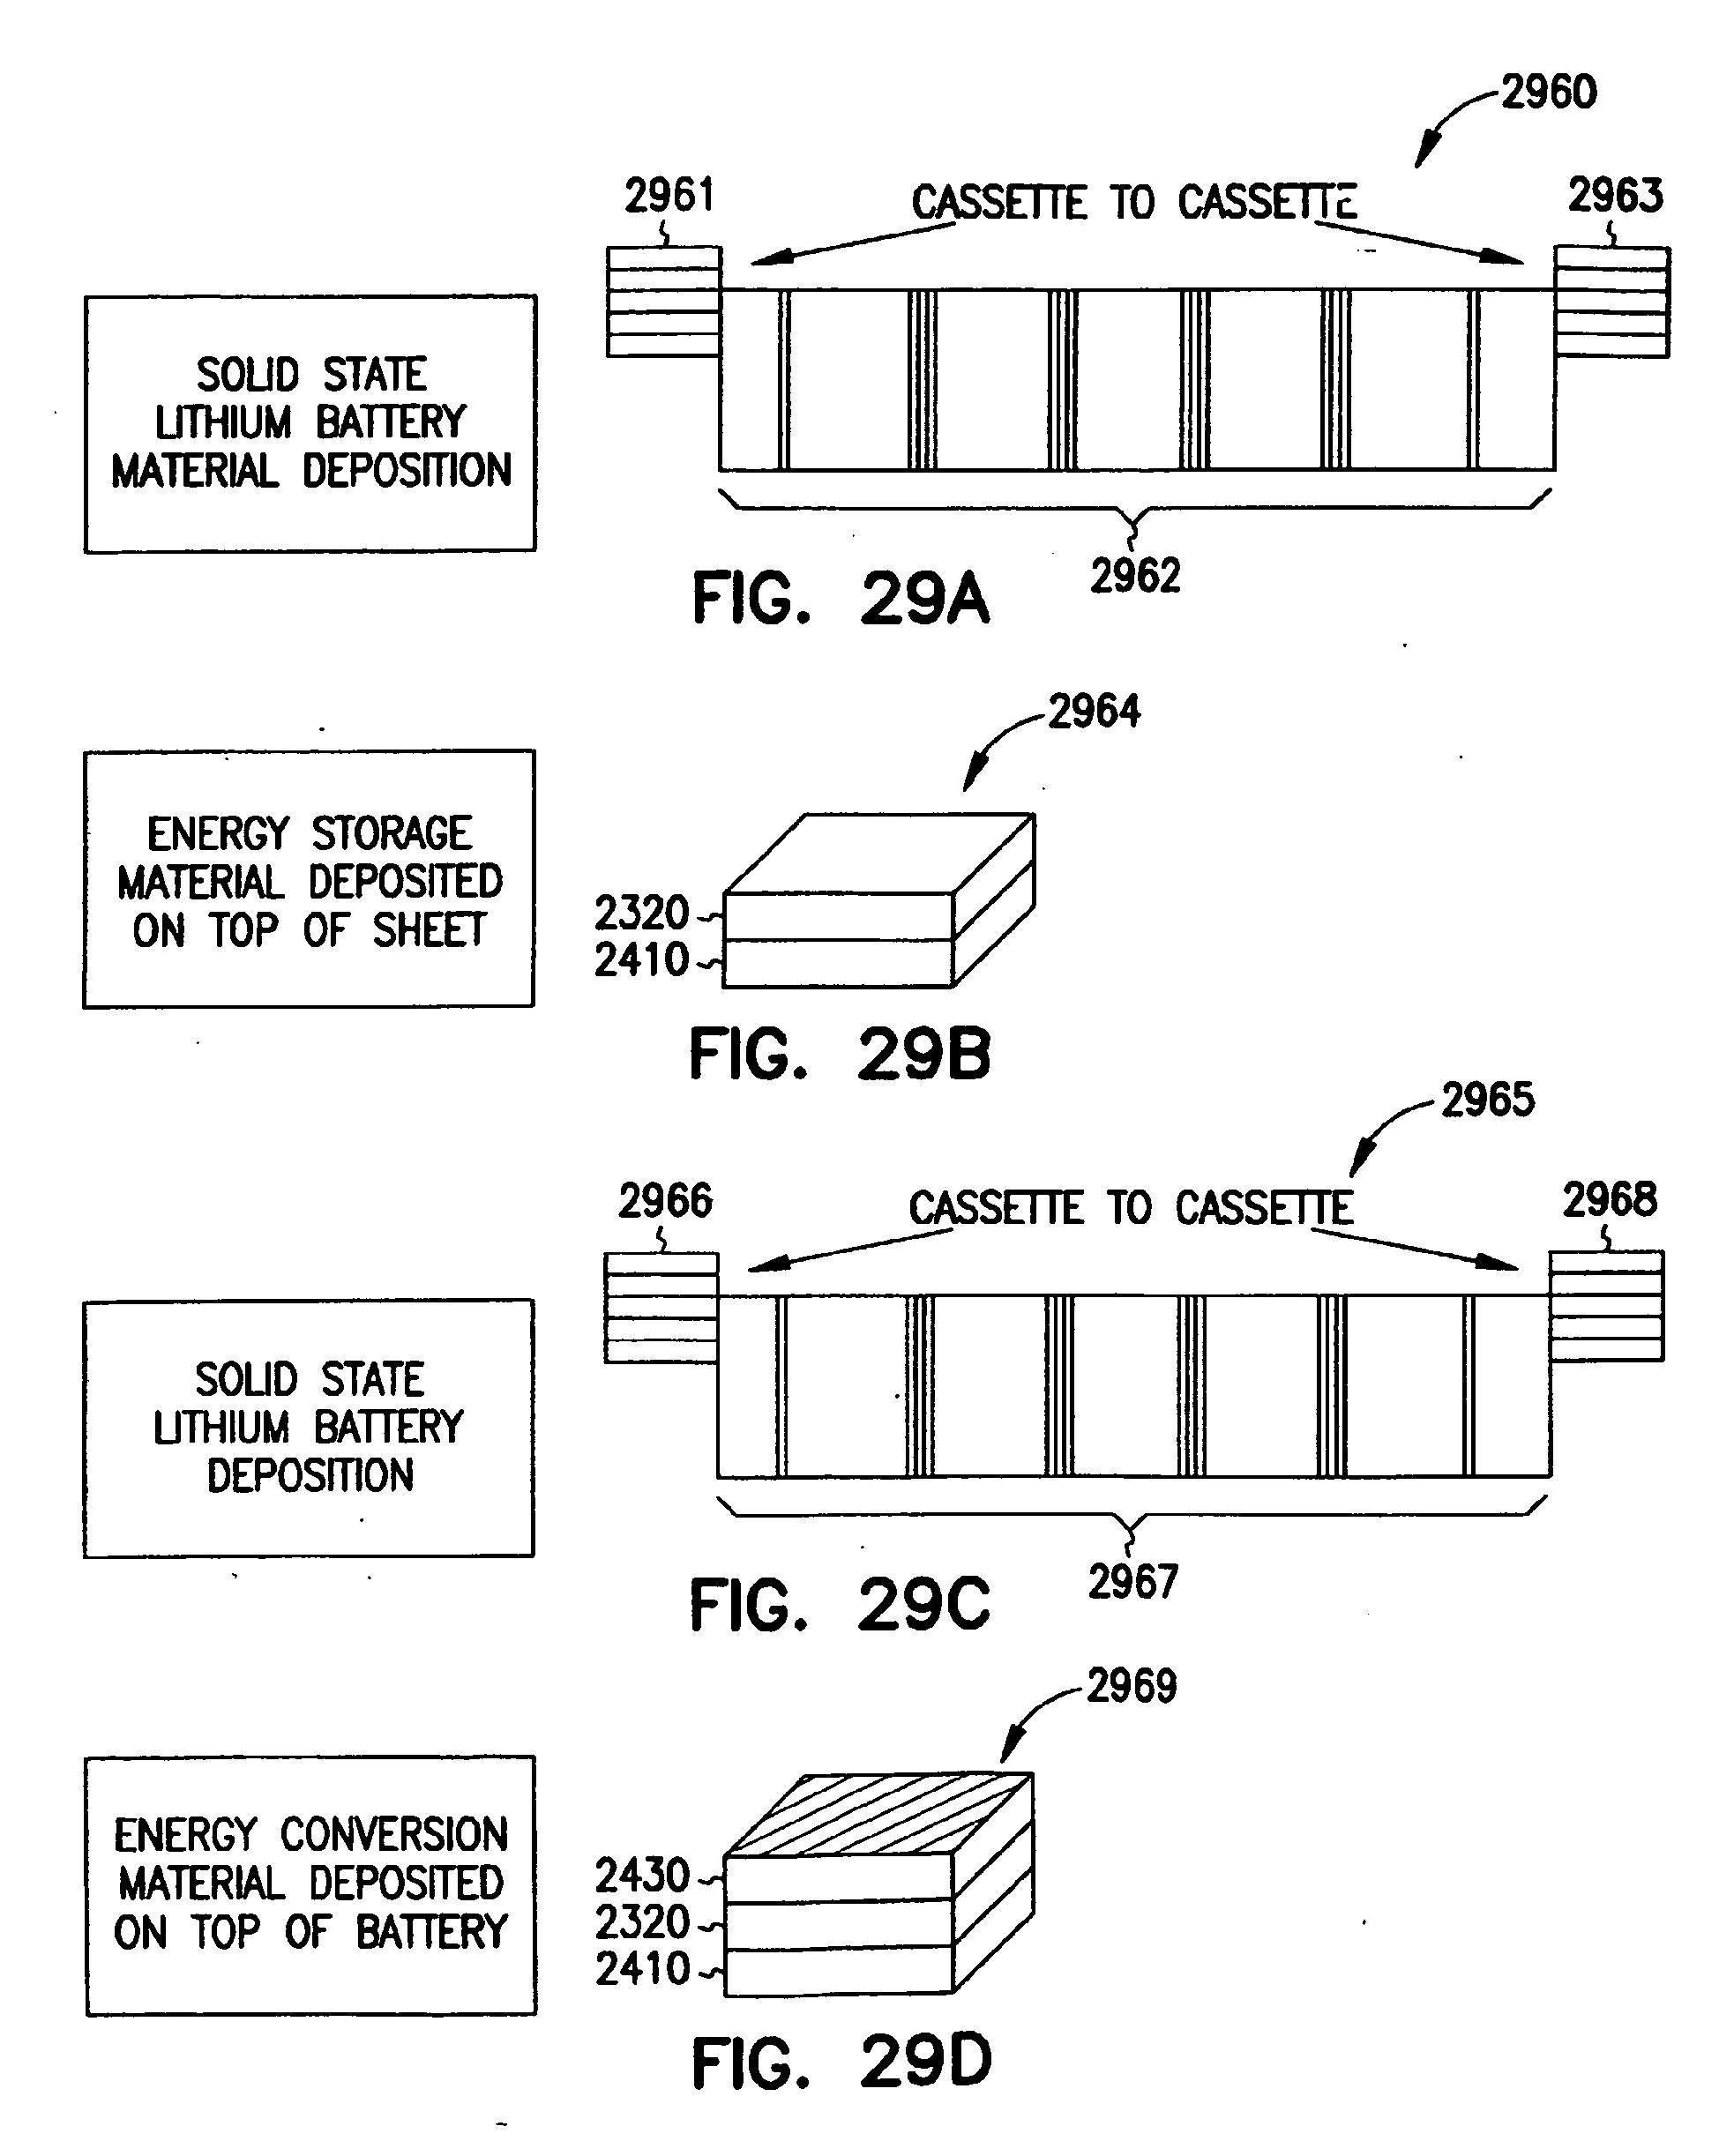 Hard Wired Smoke Alarm Wiring Diagram Moreover Parallel Wiring